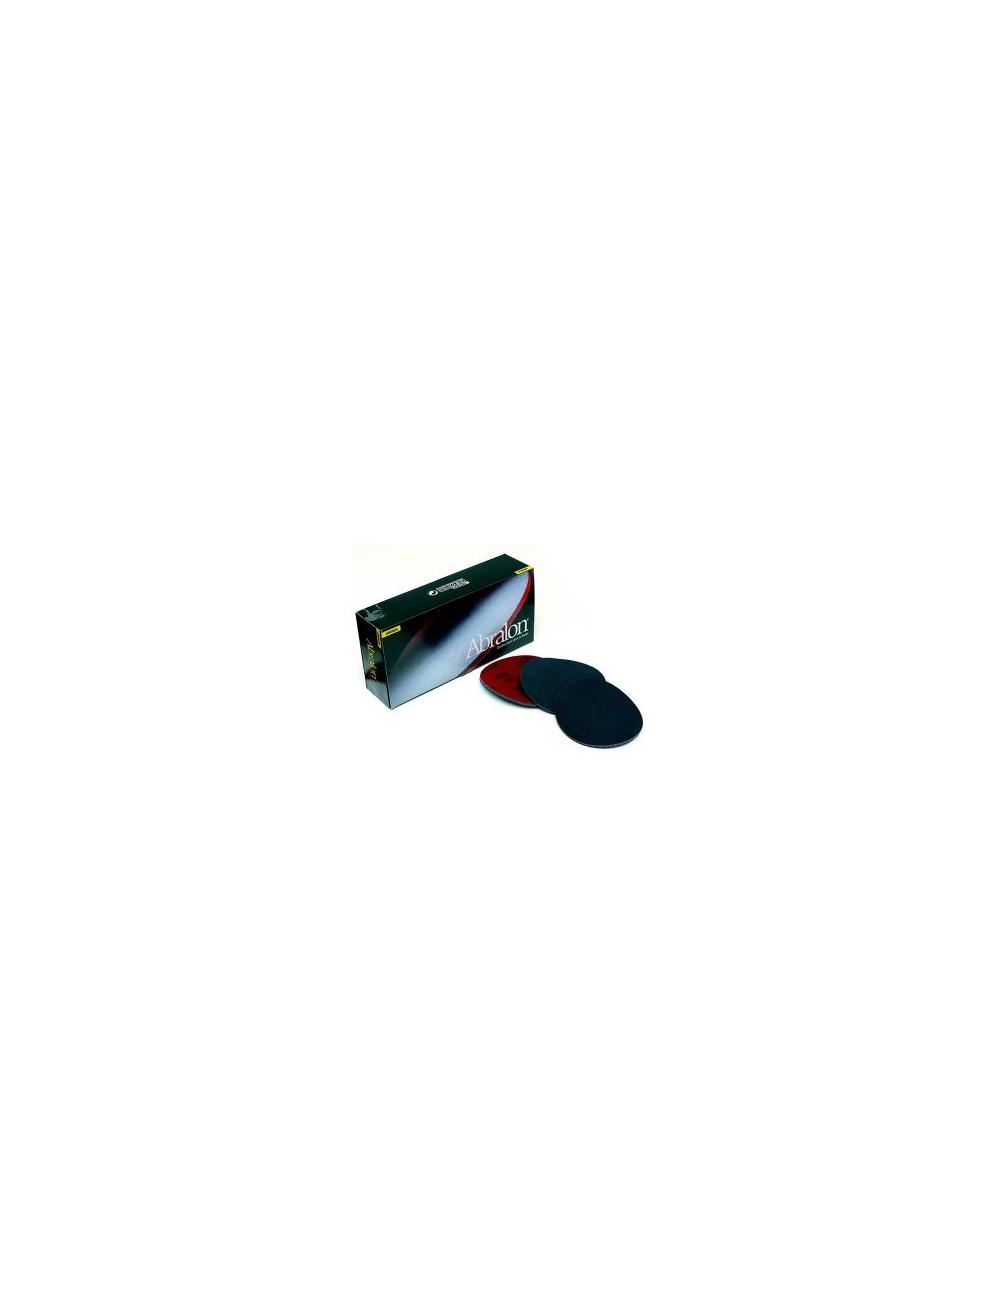 Boite de 20 disques abralon diametre 77 mm G 1000